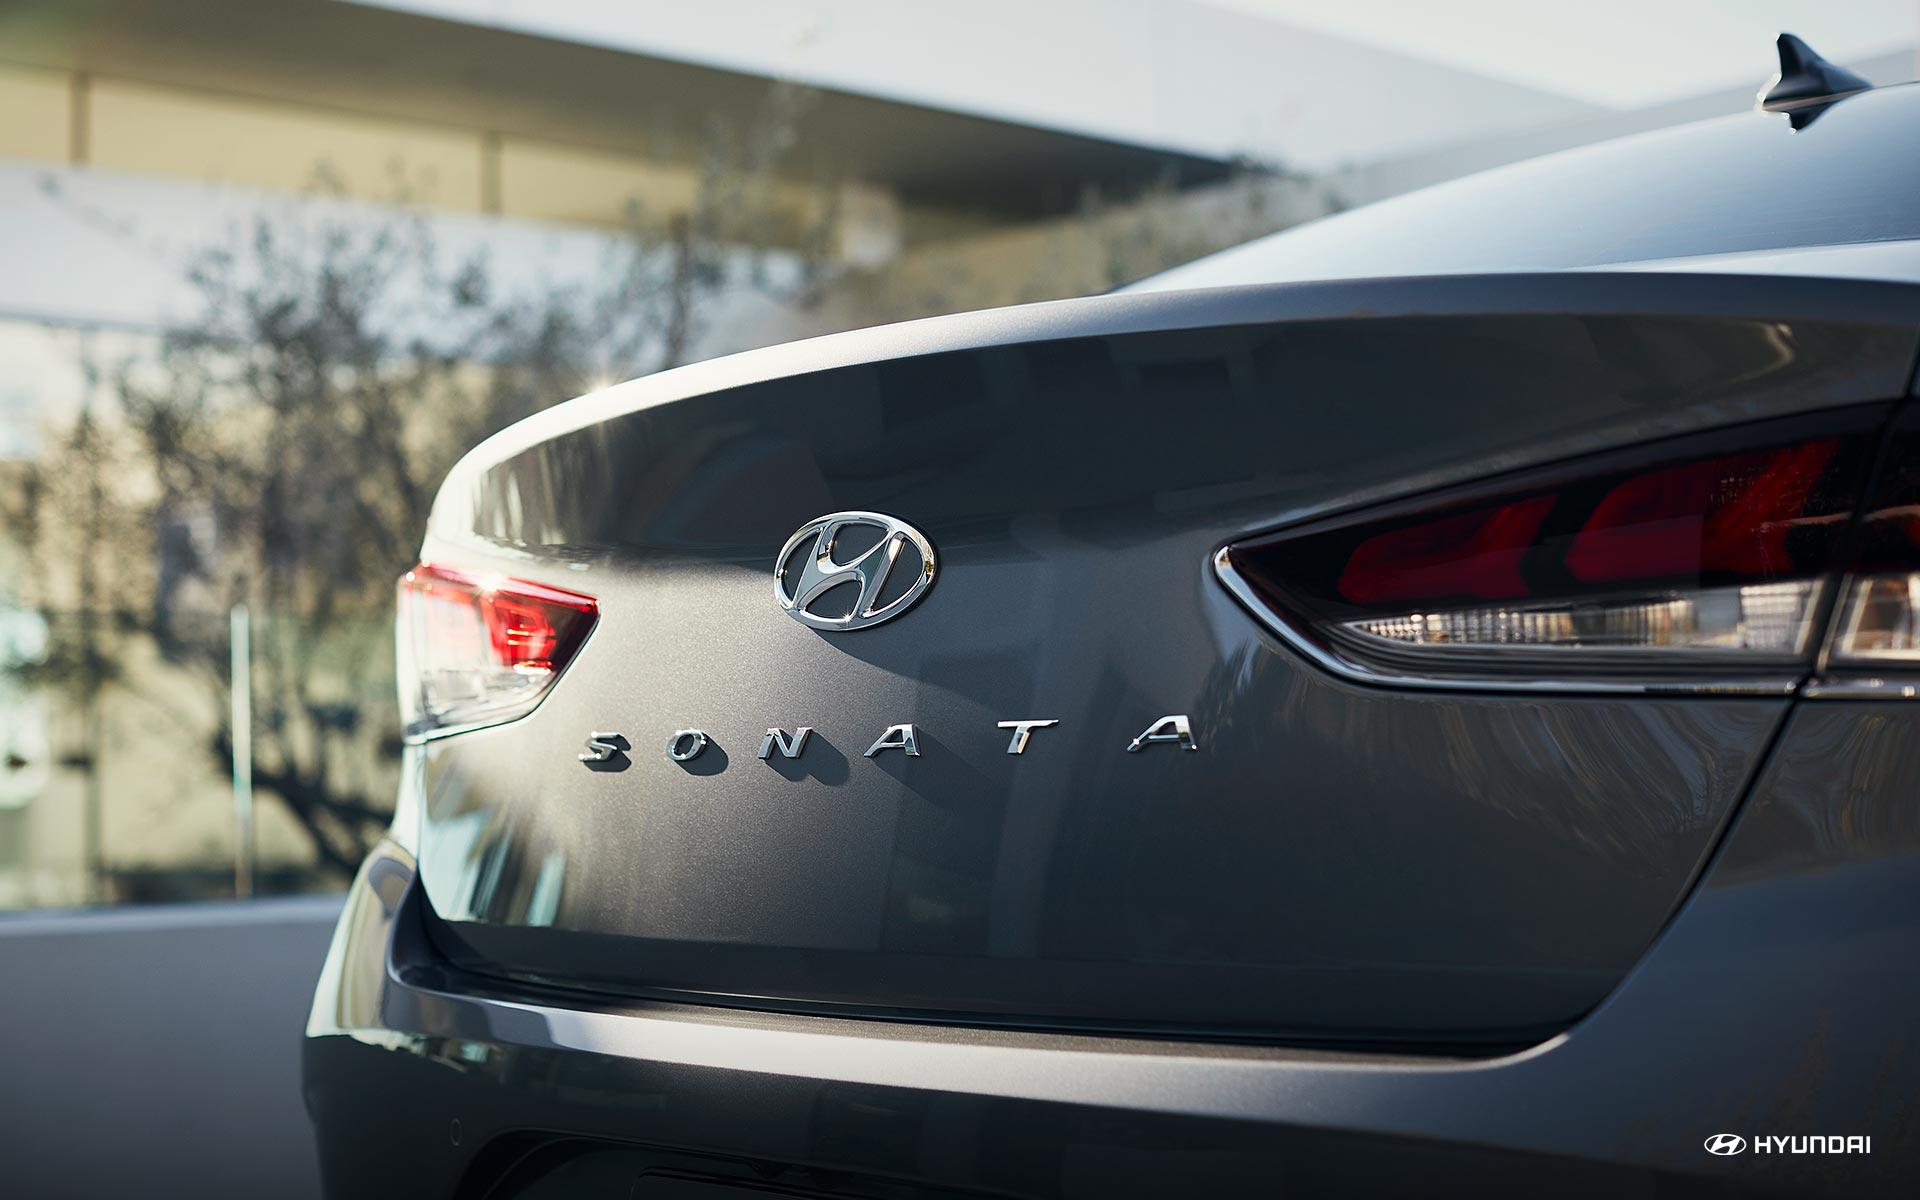 Stunning 2019 Sonata Exterior